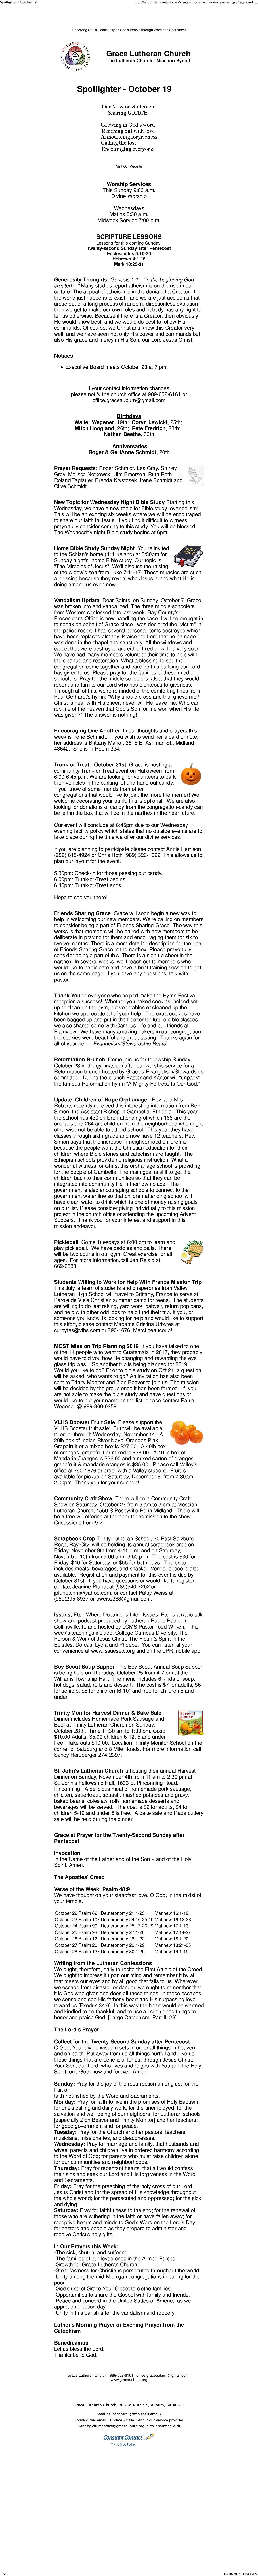 Spotlighter - October 19-page-001 (2).jpg